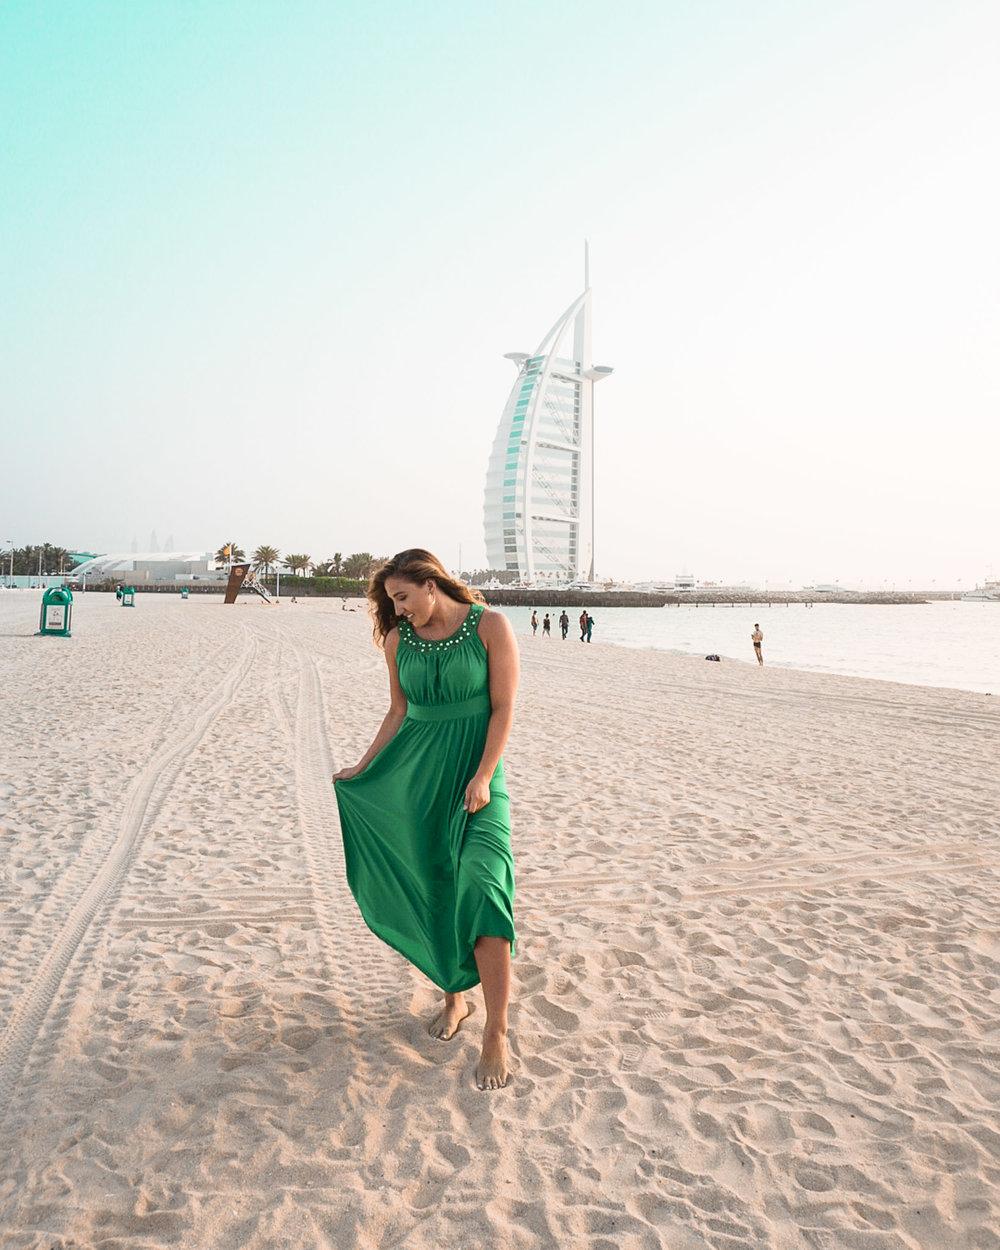 UAE - The Adventure Decade